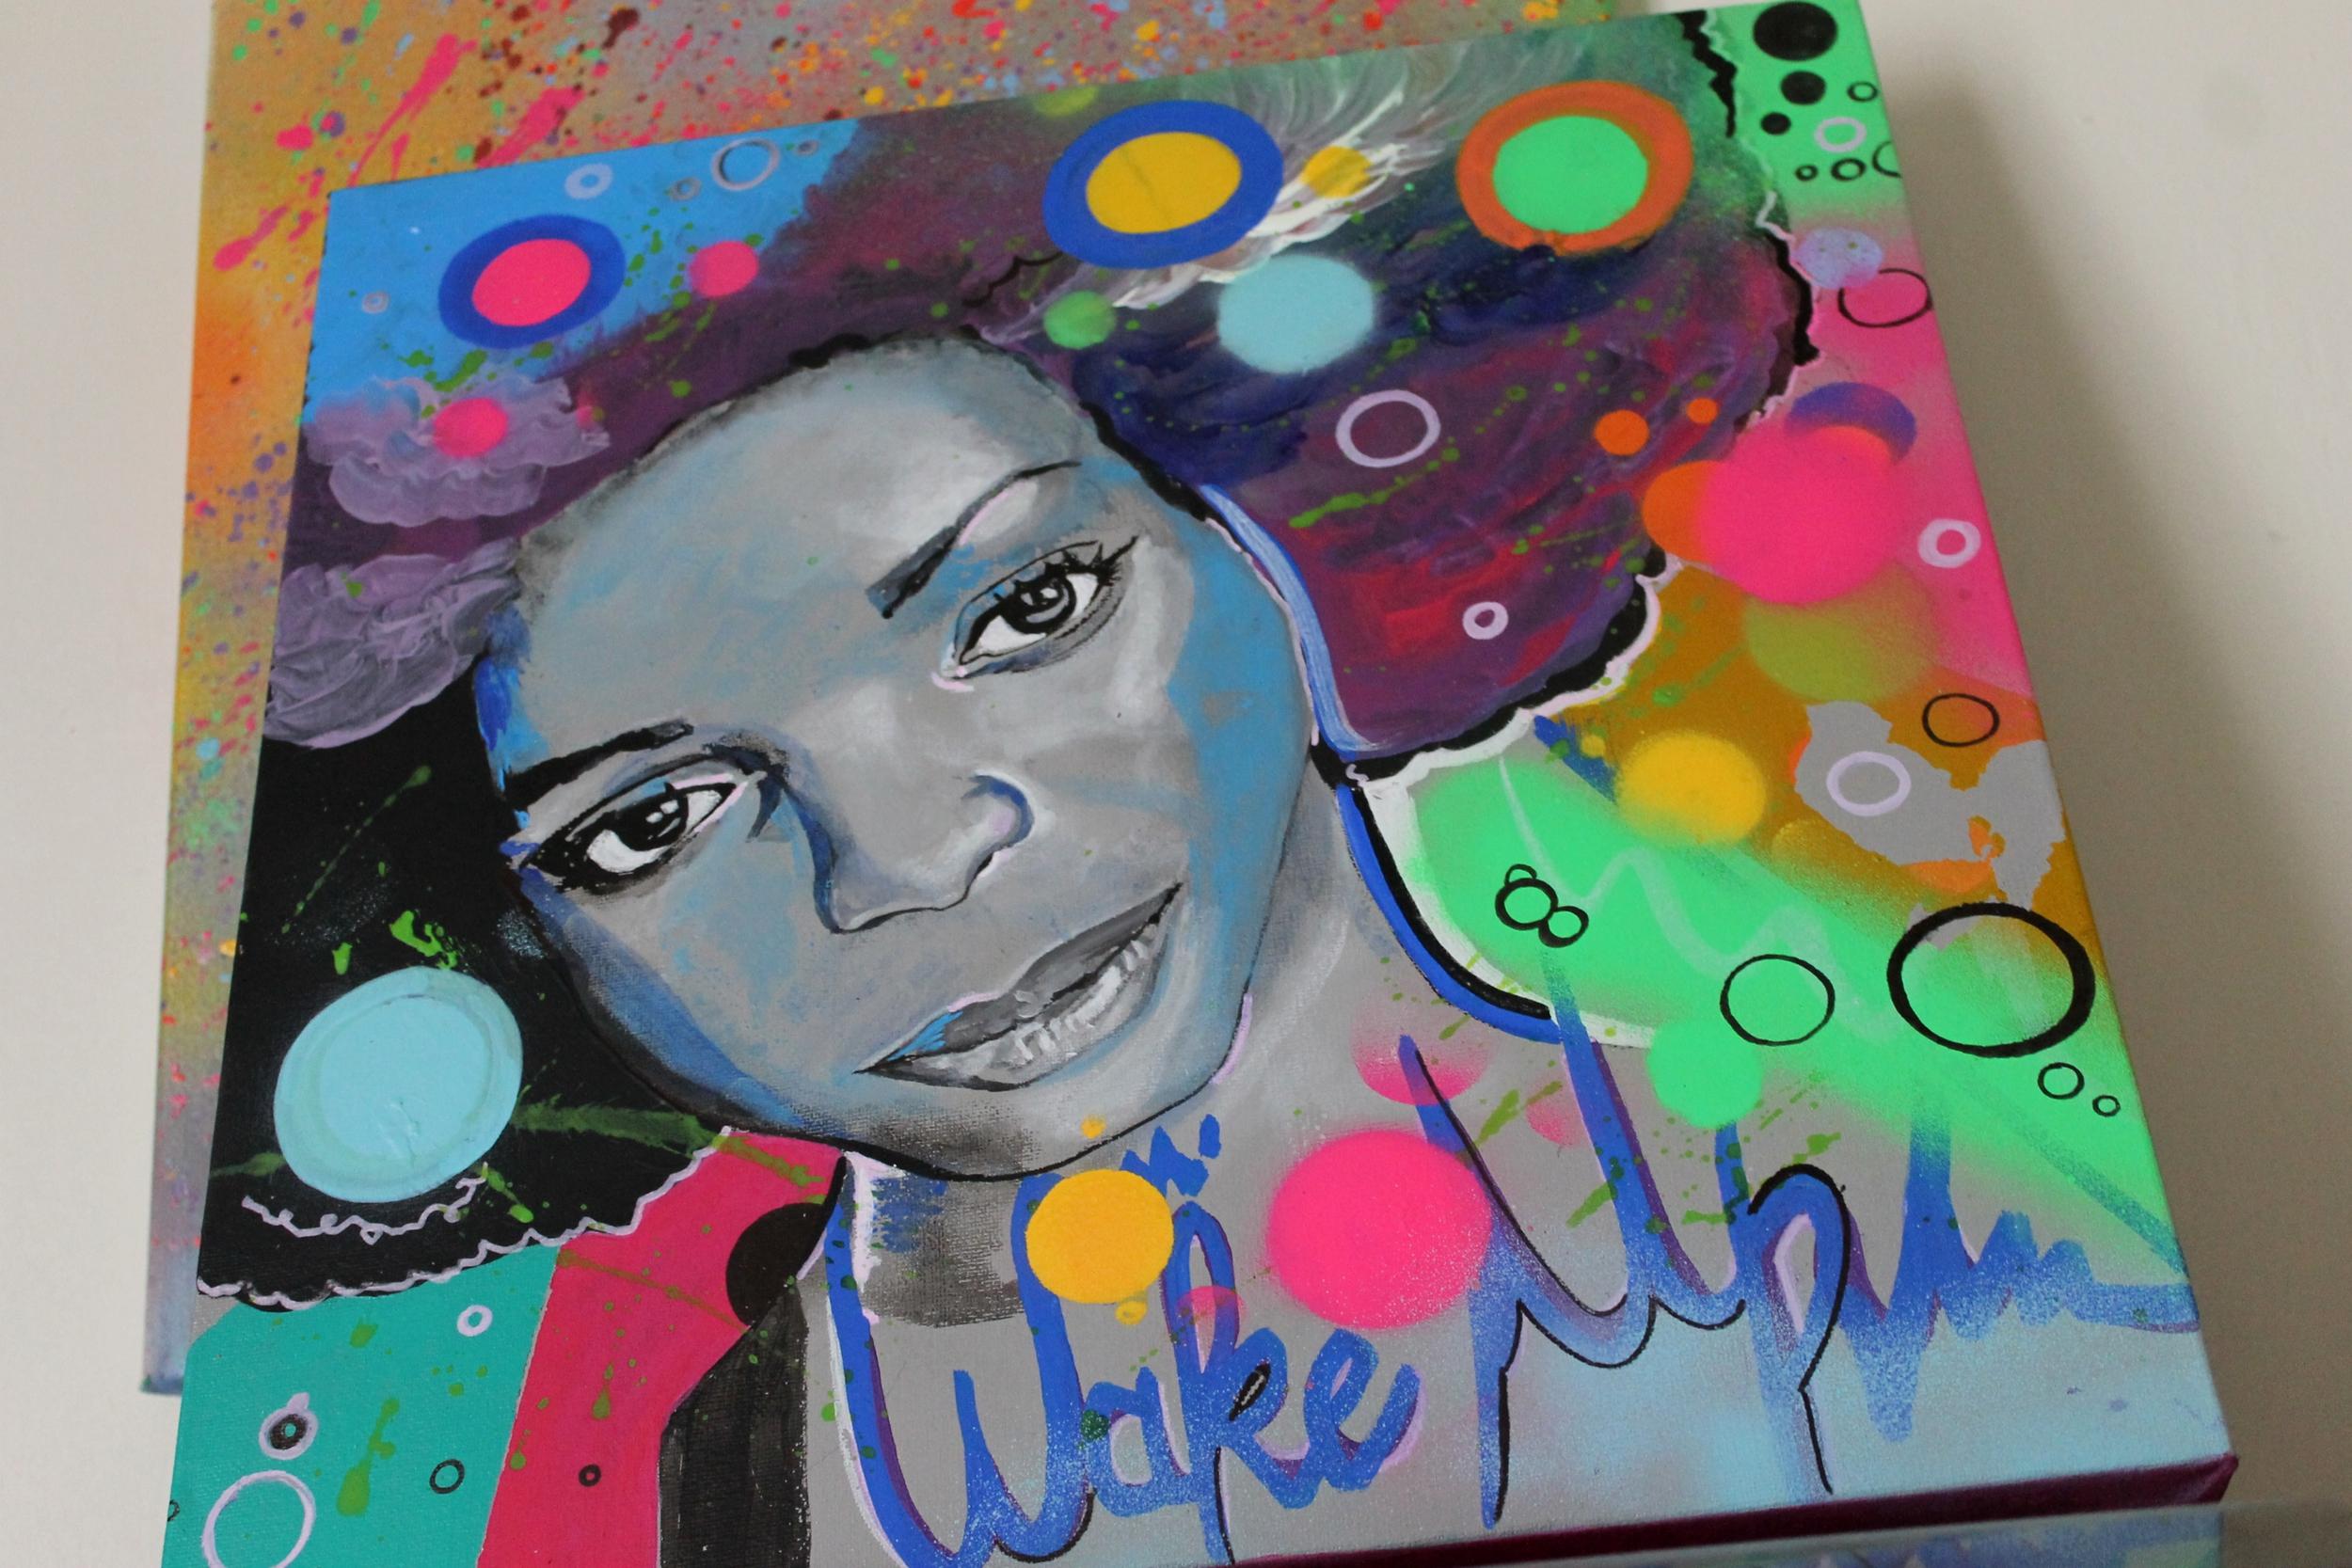 Super Tableau street art pop: wake uuuuuuuuuuuuuup réveille toi  UA78